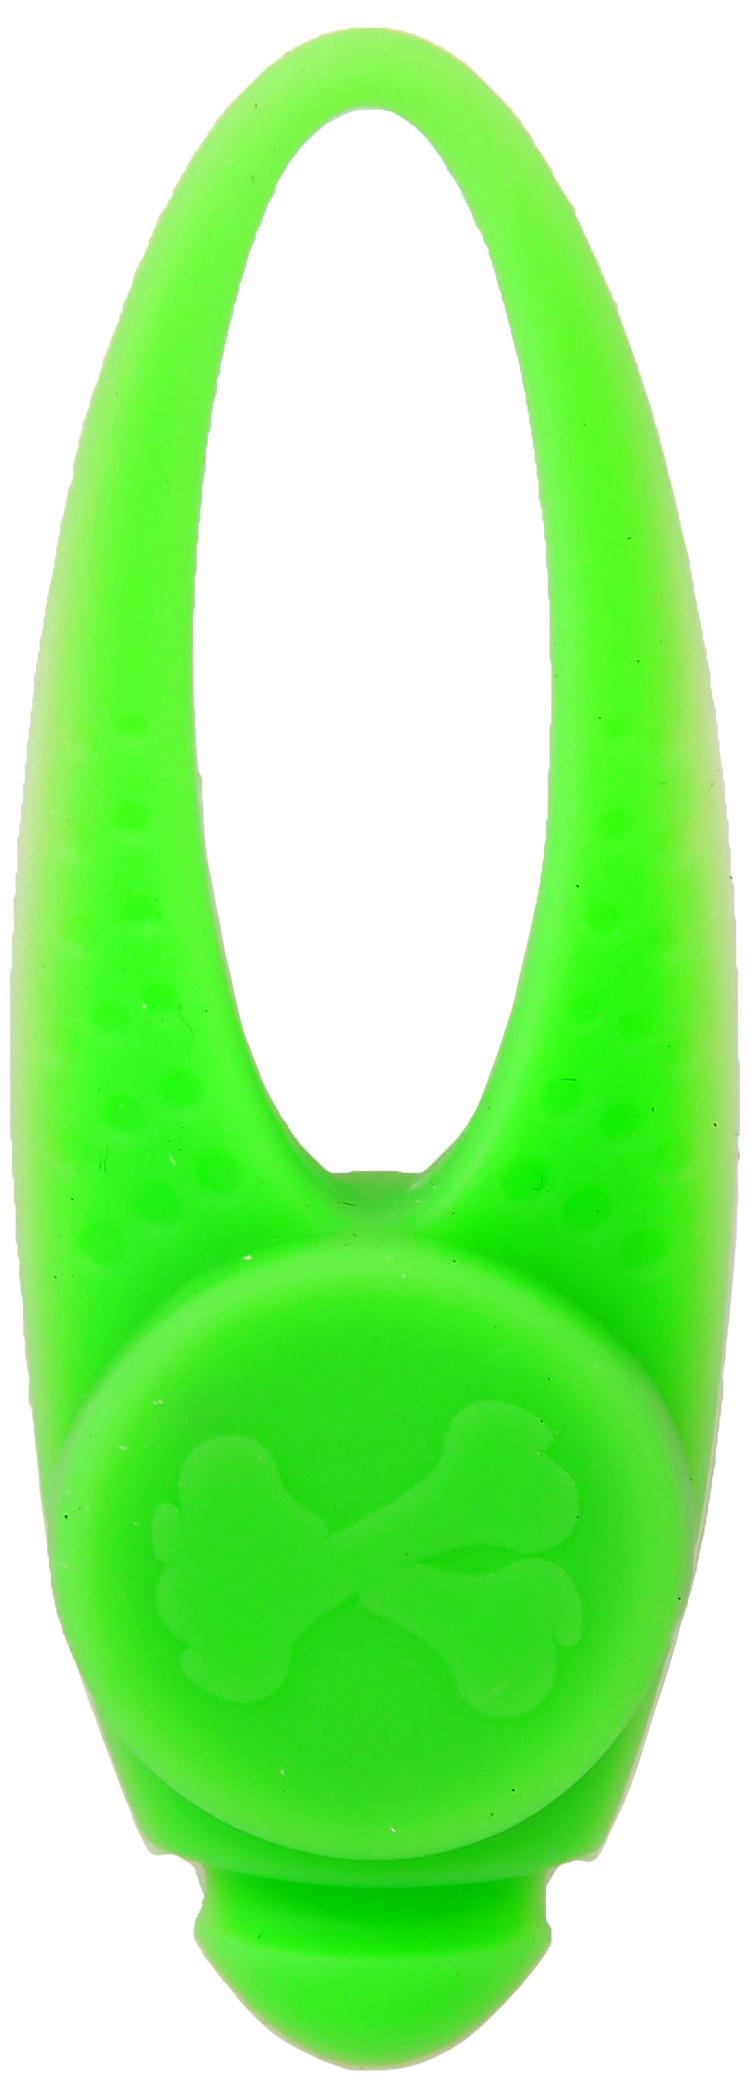 Отражатель для собак - Dog Fantasy Blinker LED silicone, green, 8 см